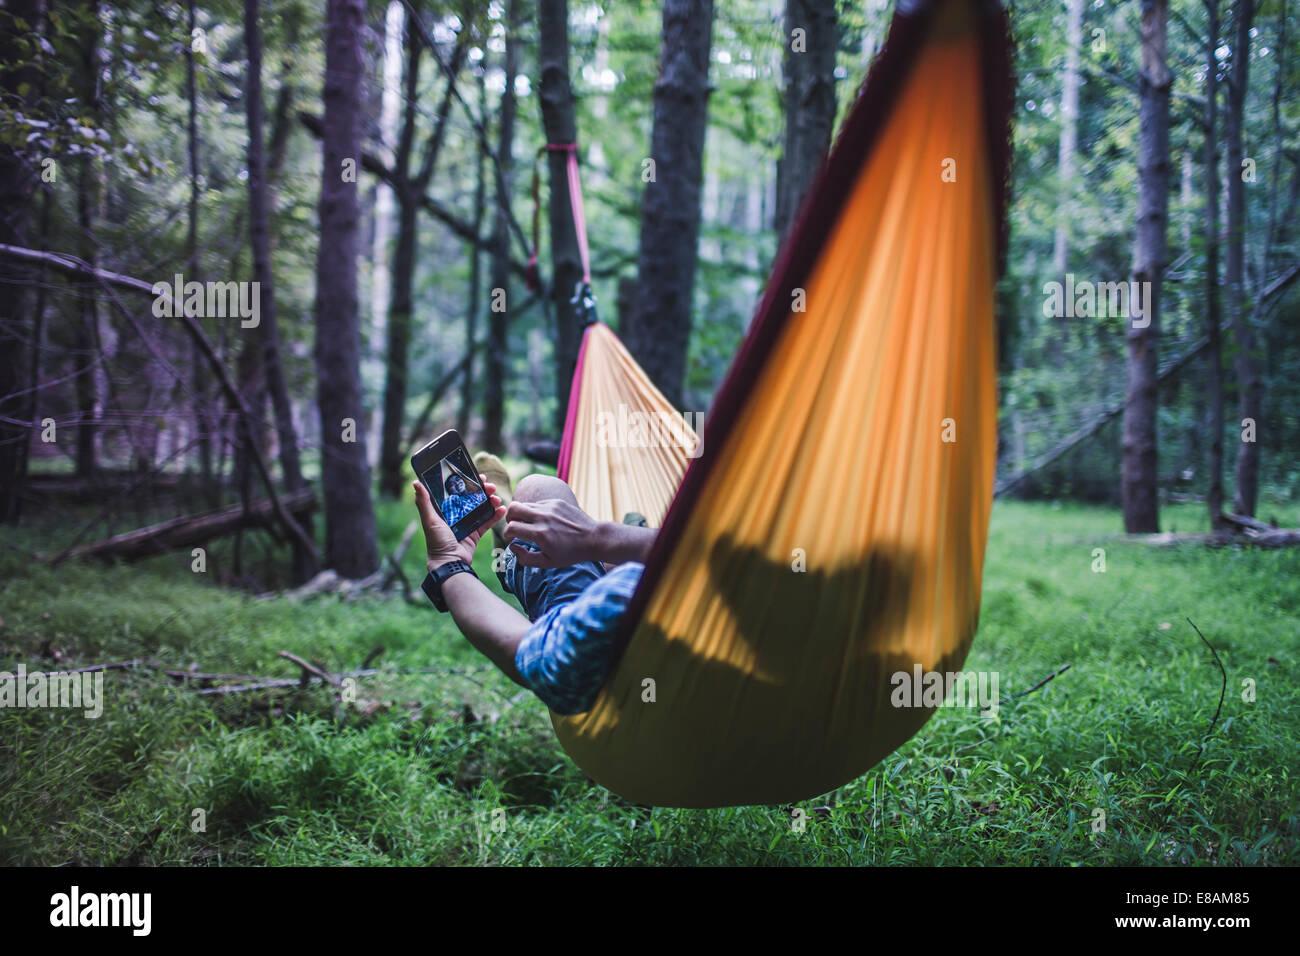 Randonneur couché dans un hamac en forêt à l'aide de l'appareil numérique Photo Stock